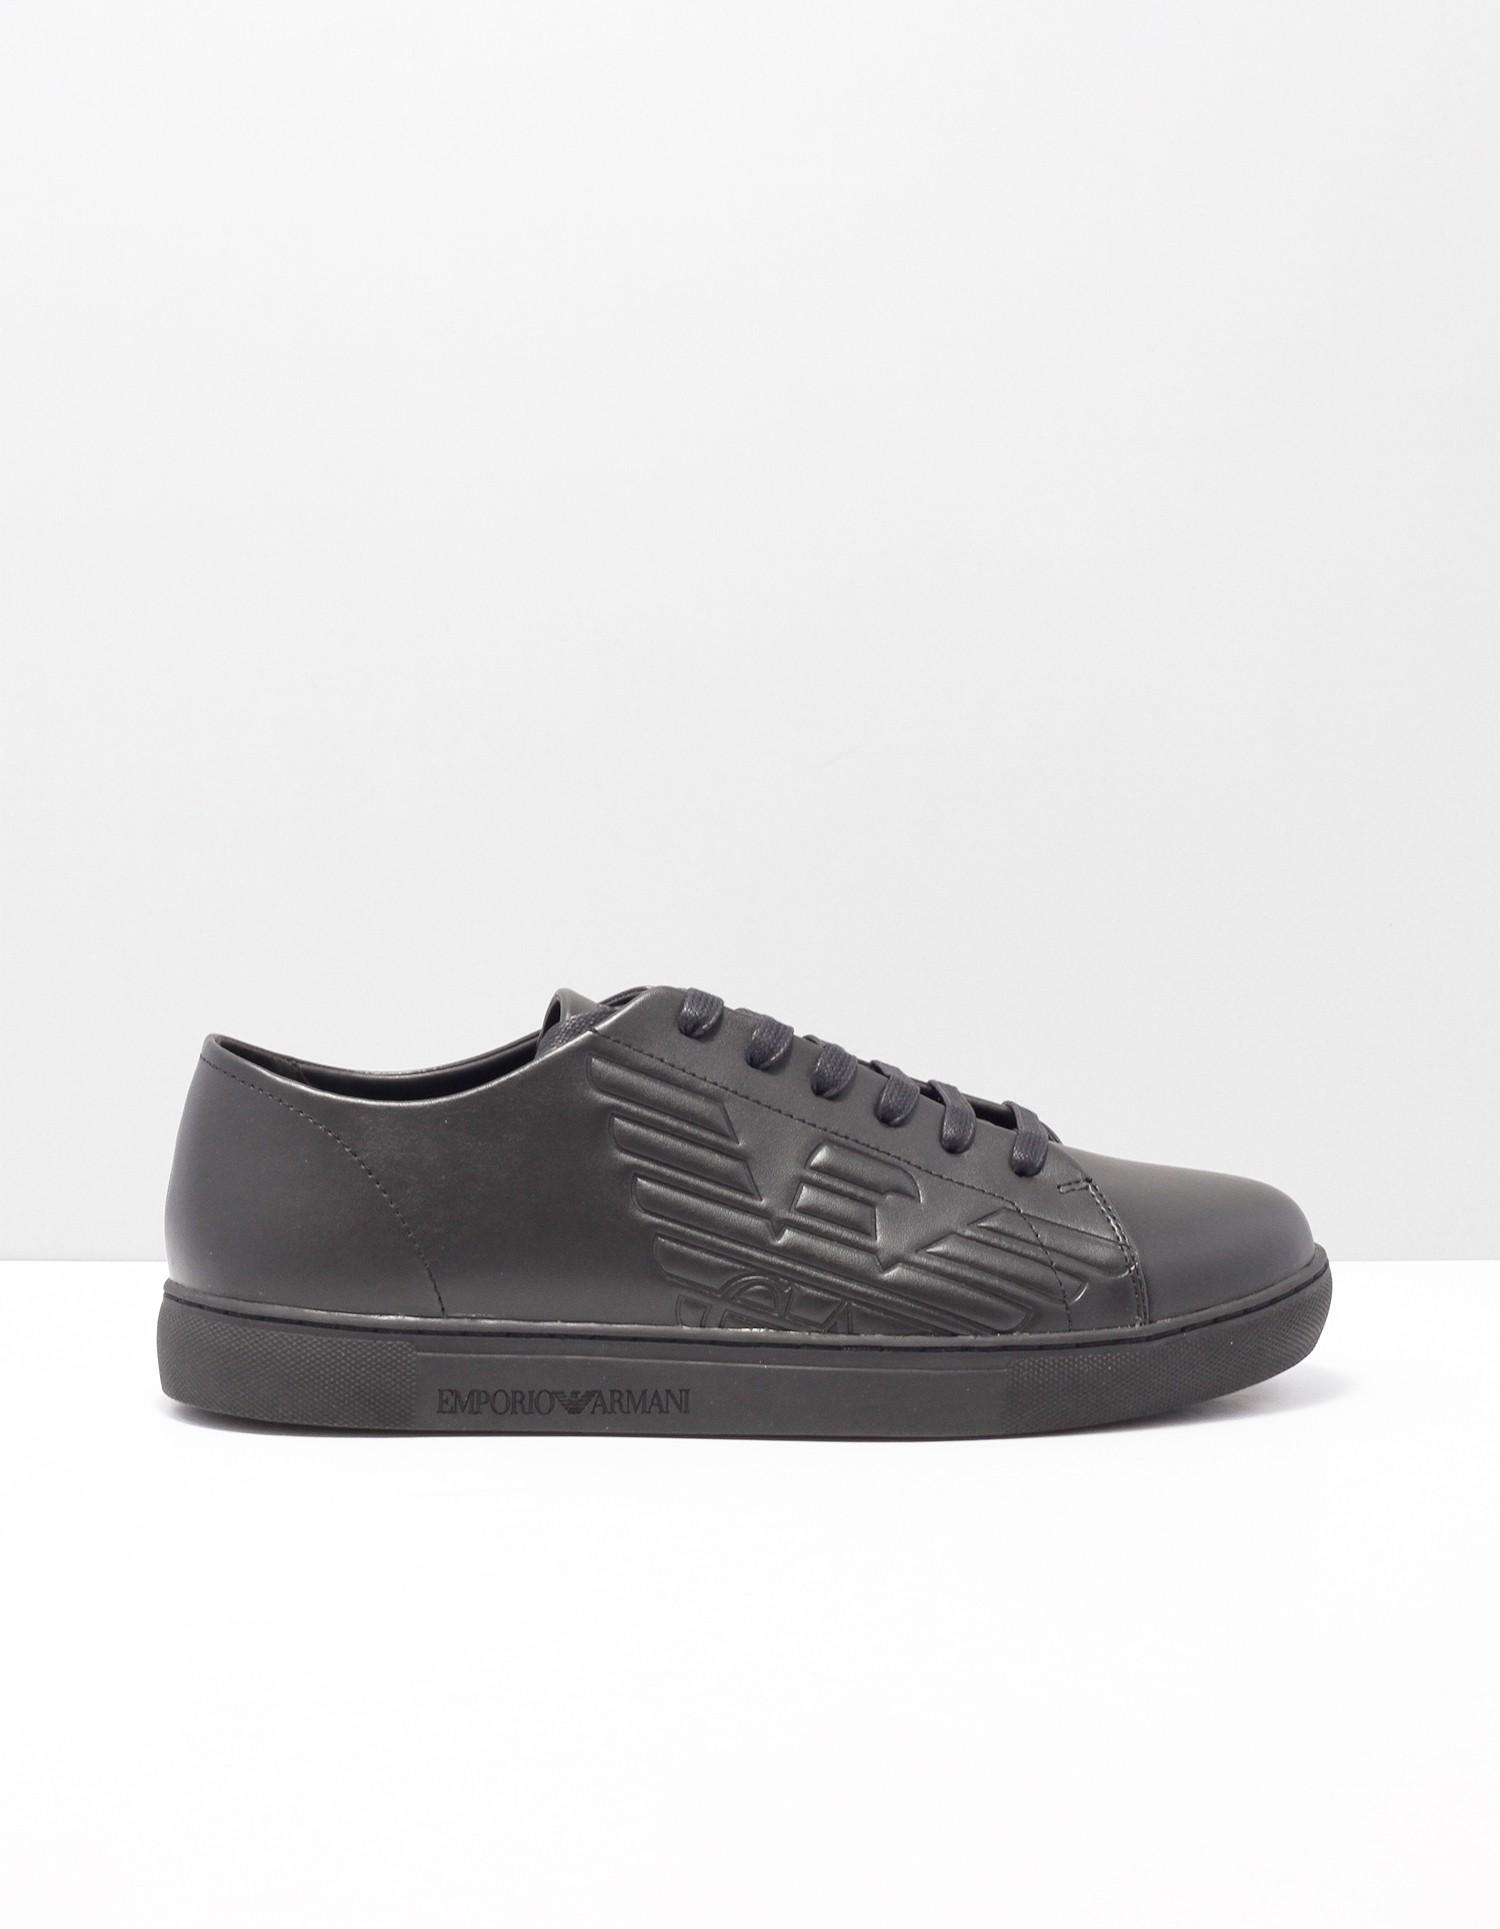 Afbeelding van Armani Jeans Sneakers zwart